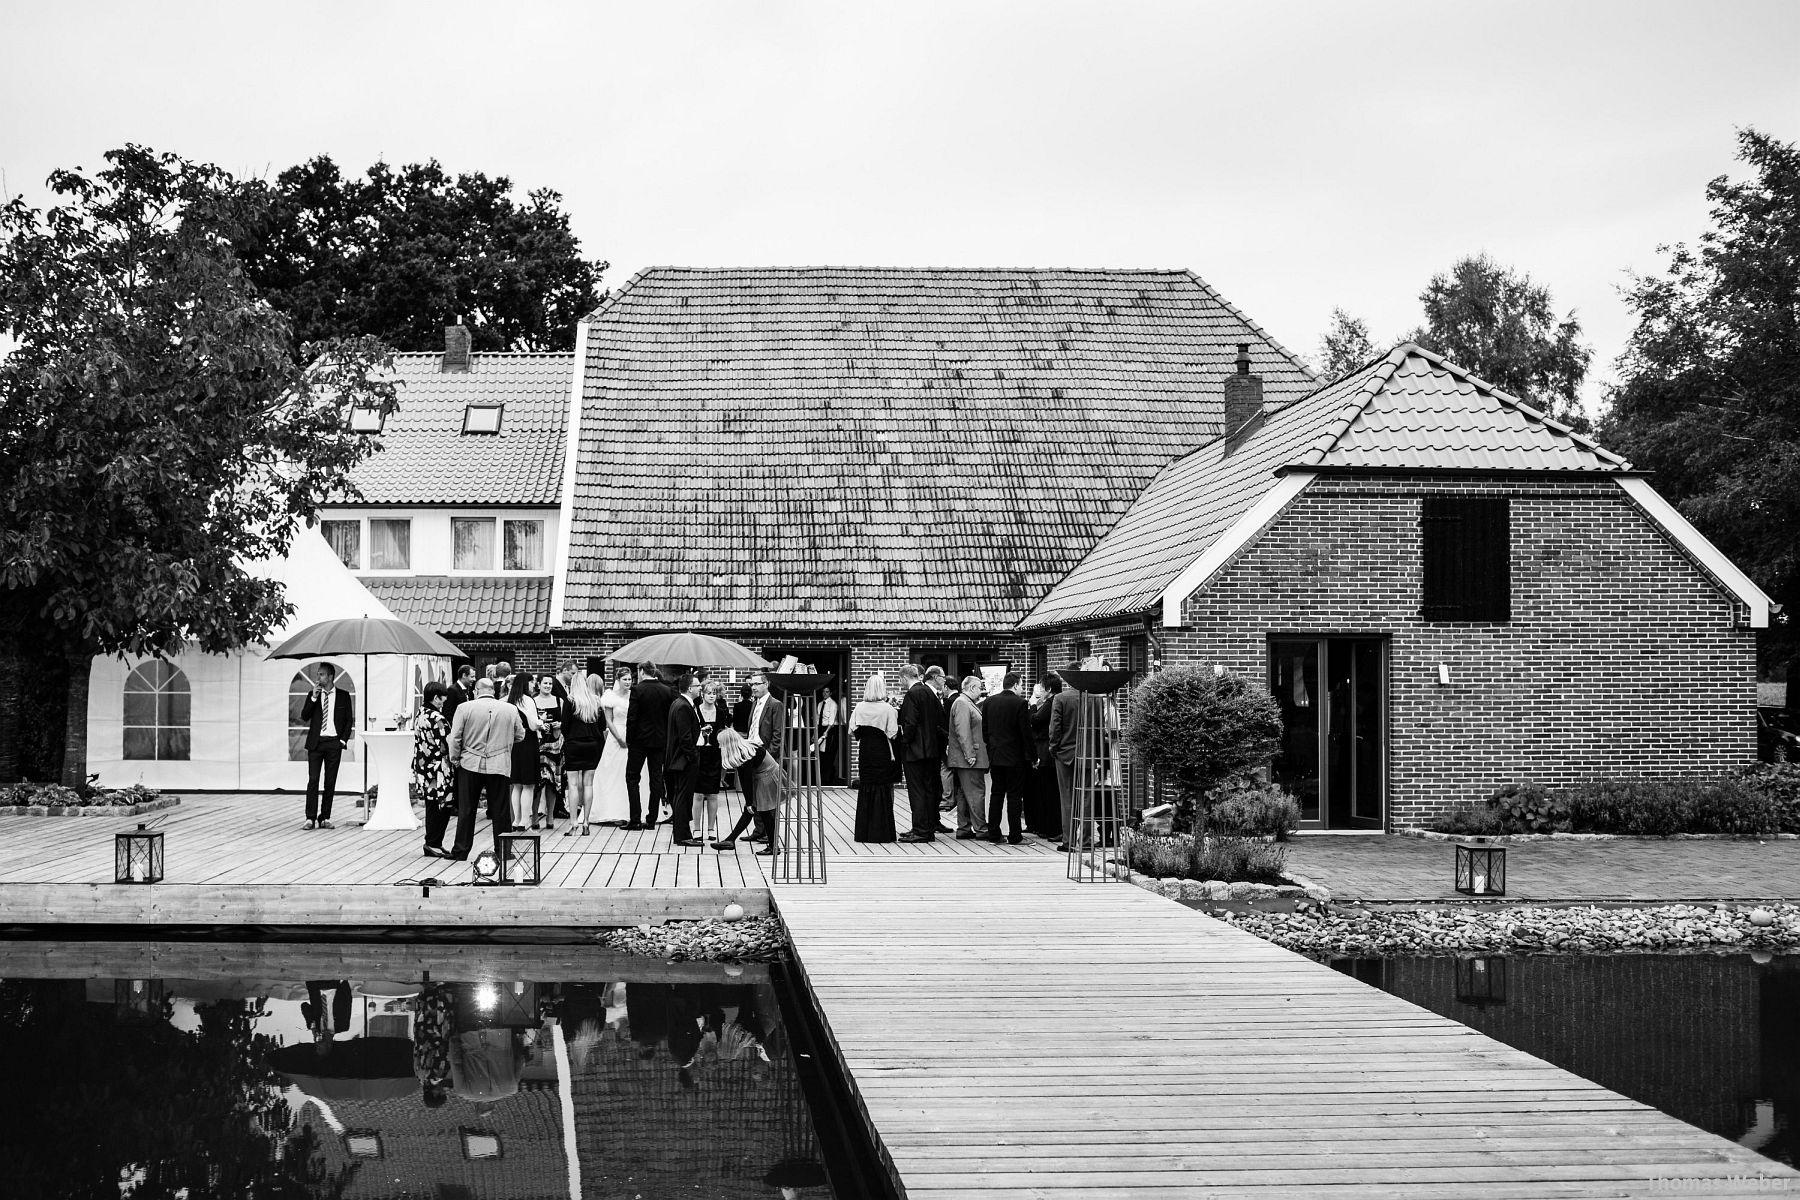 Hochzeitsfotograf Rastede: Kirchliche Trauung in der St. Ulrichs Kirche Rastede und Hochzeitsfeier in der Eventscheune St Georg Rastede mit dem Catering von Michael Niebuhr aus Oldenburg (41)